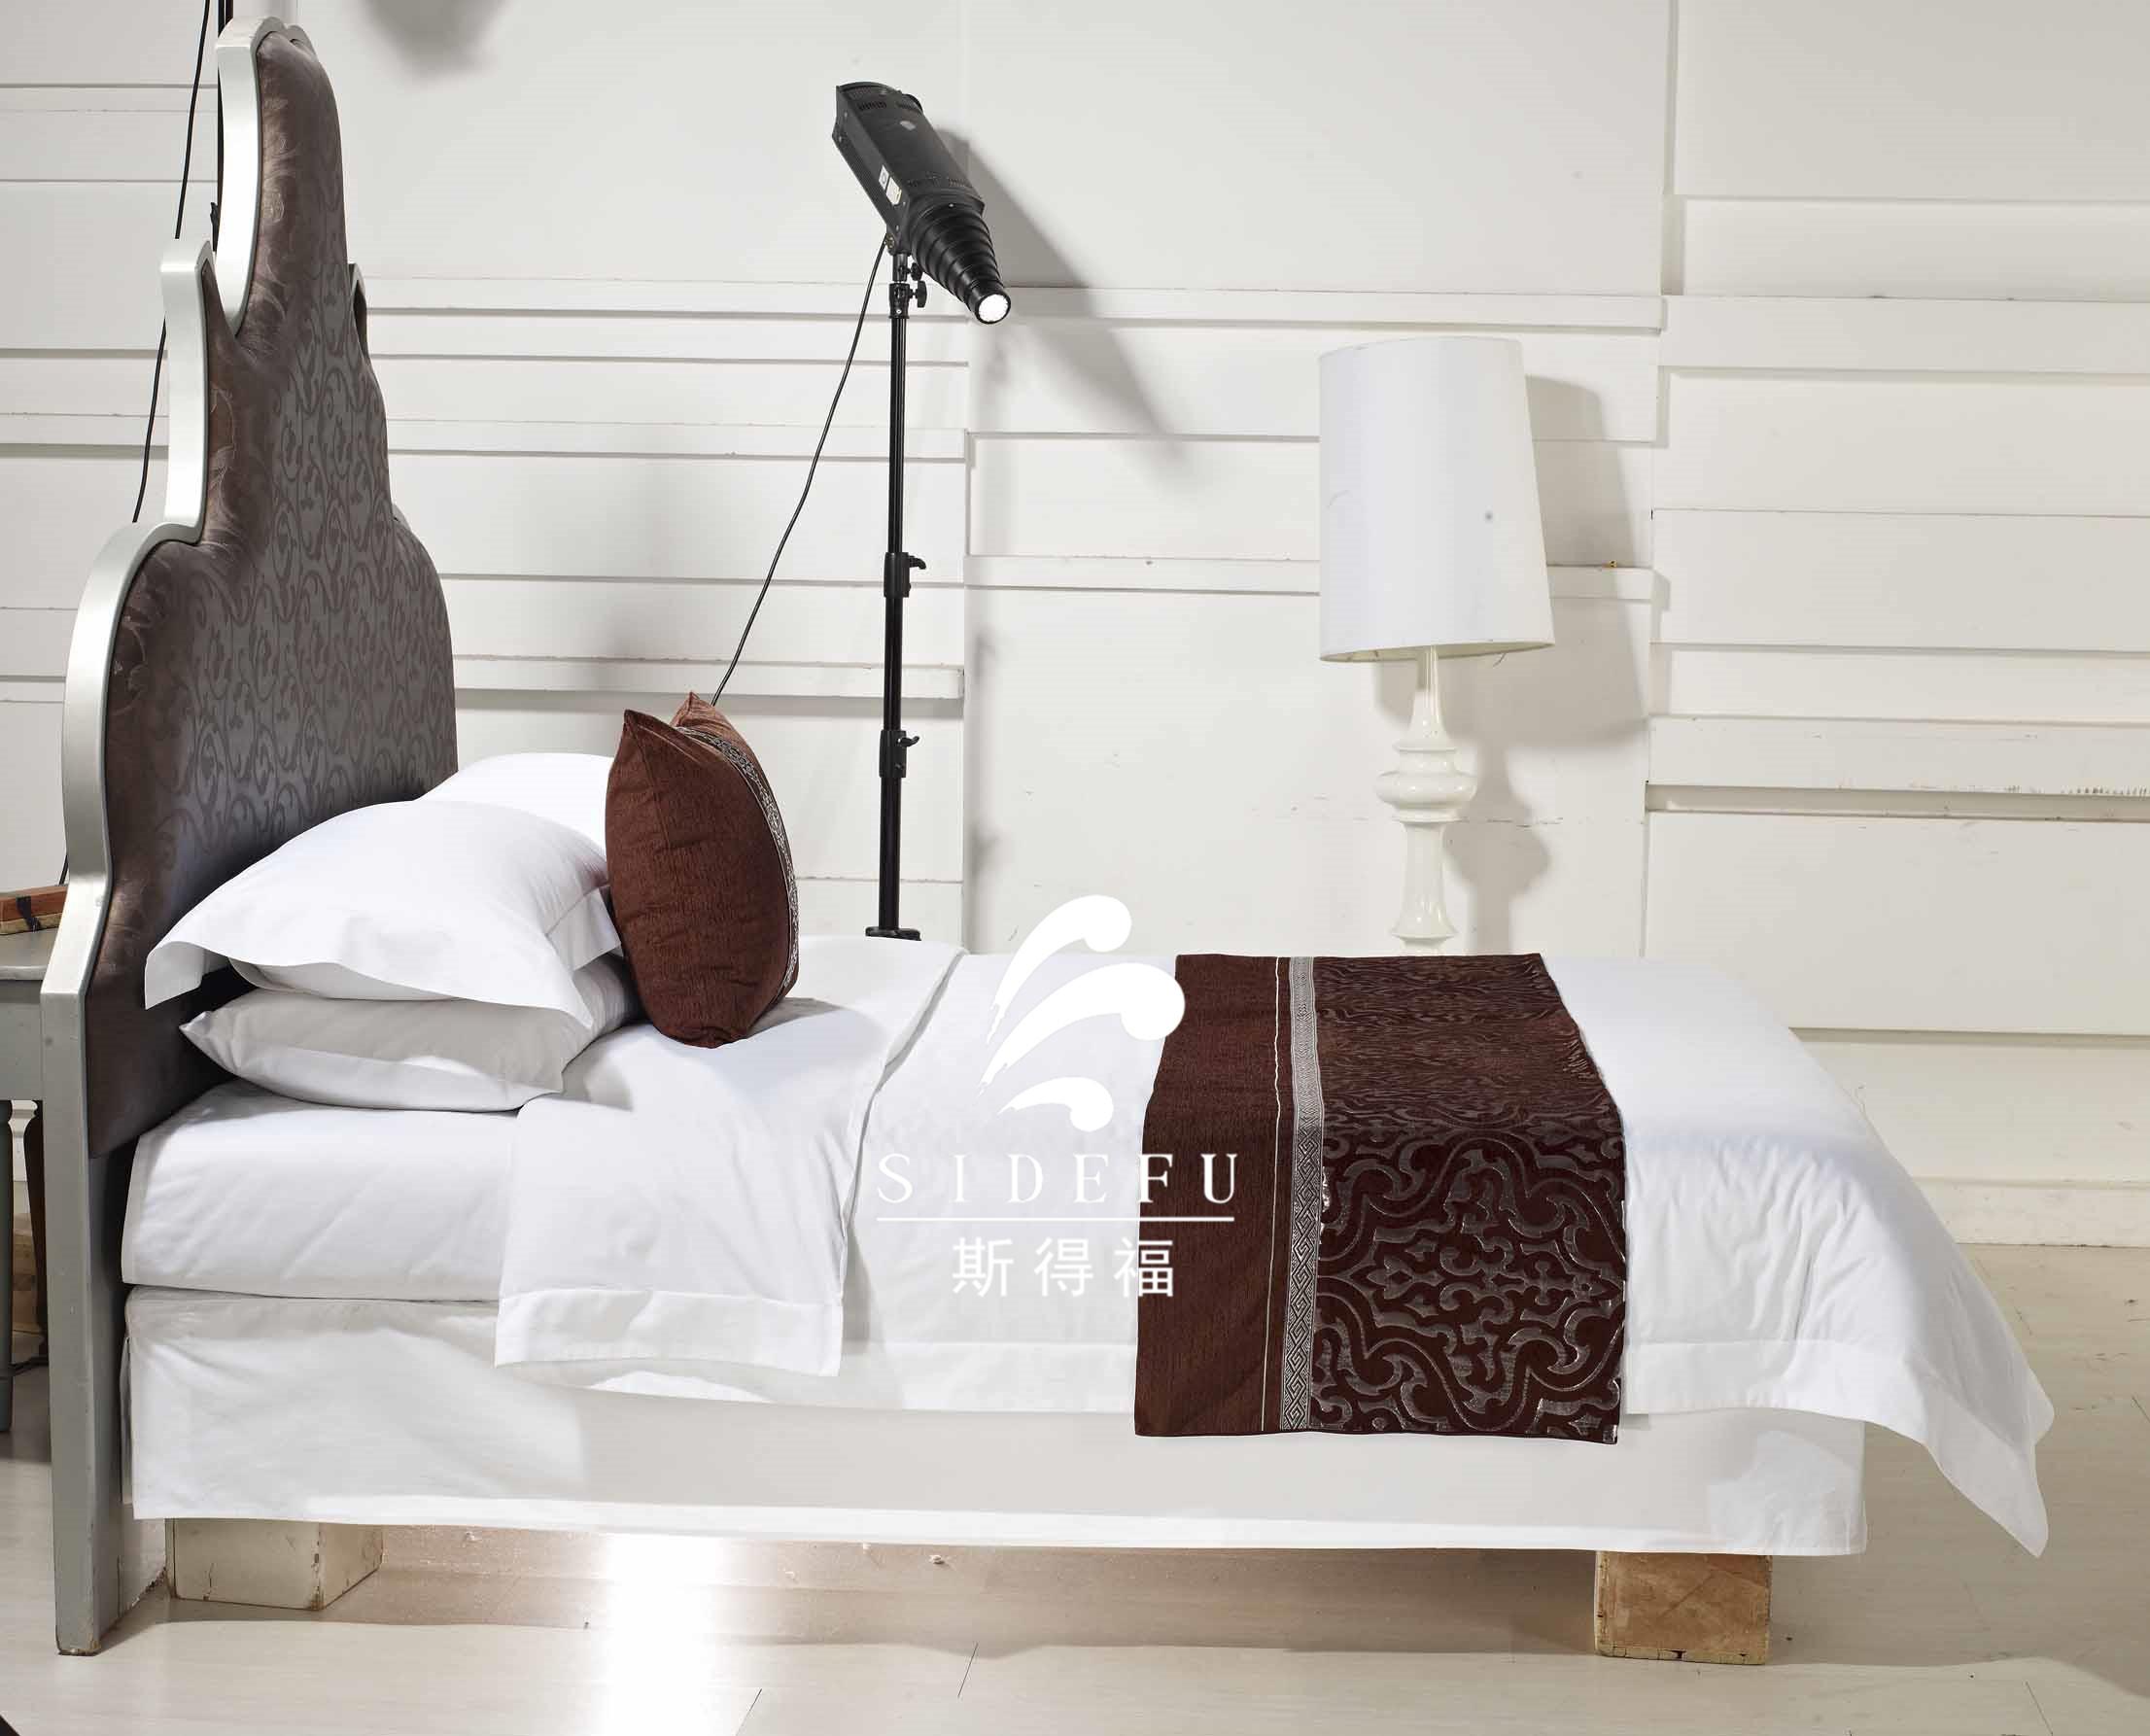 Full Size of Kingsize Bett Hotel Bettwsche 100 Baumwolle Wei Duvet Cover Platzsparend Kopfteil 180x200 Weißes Betten Test Metall Jabo Kaufen Günstig Mit Stauraum 160x200 Bett Kingsize Bett